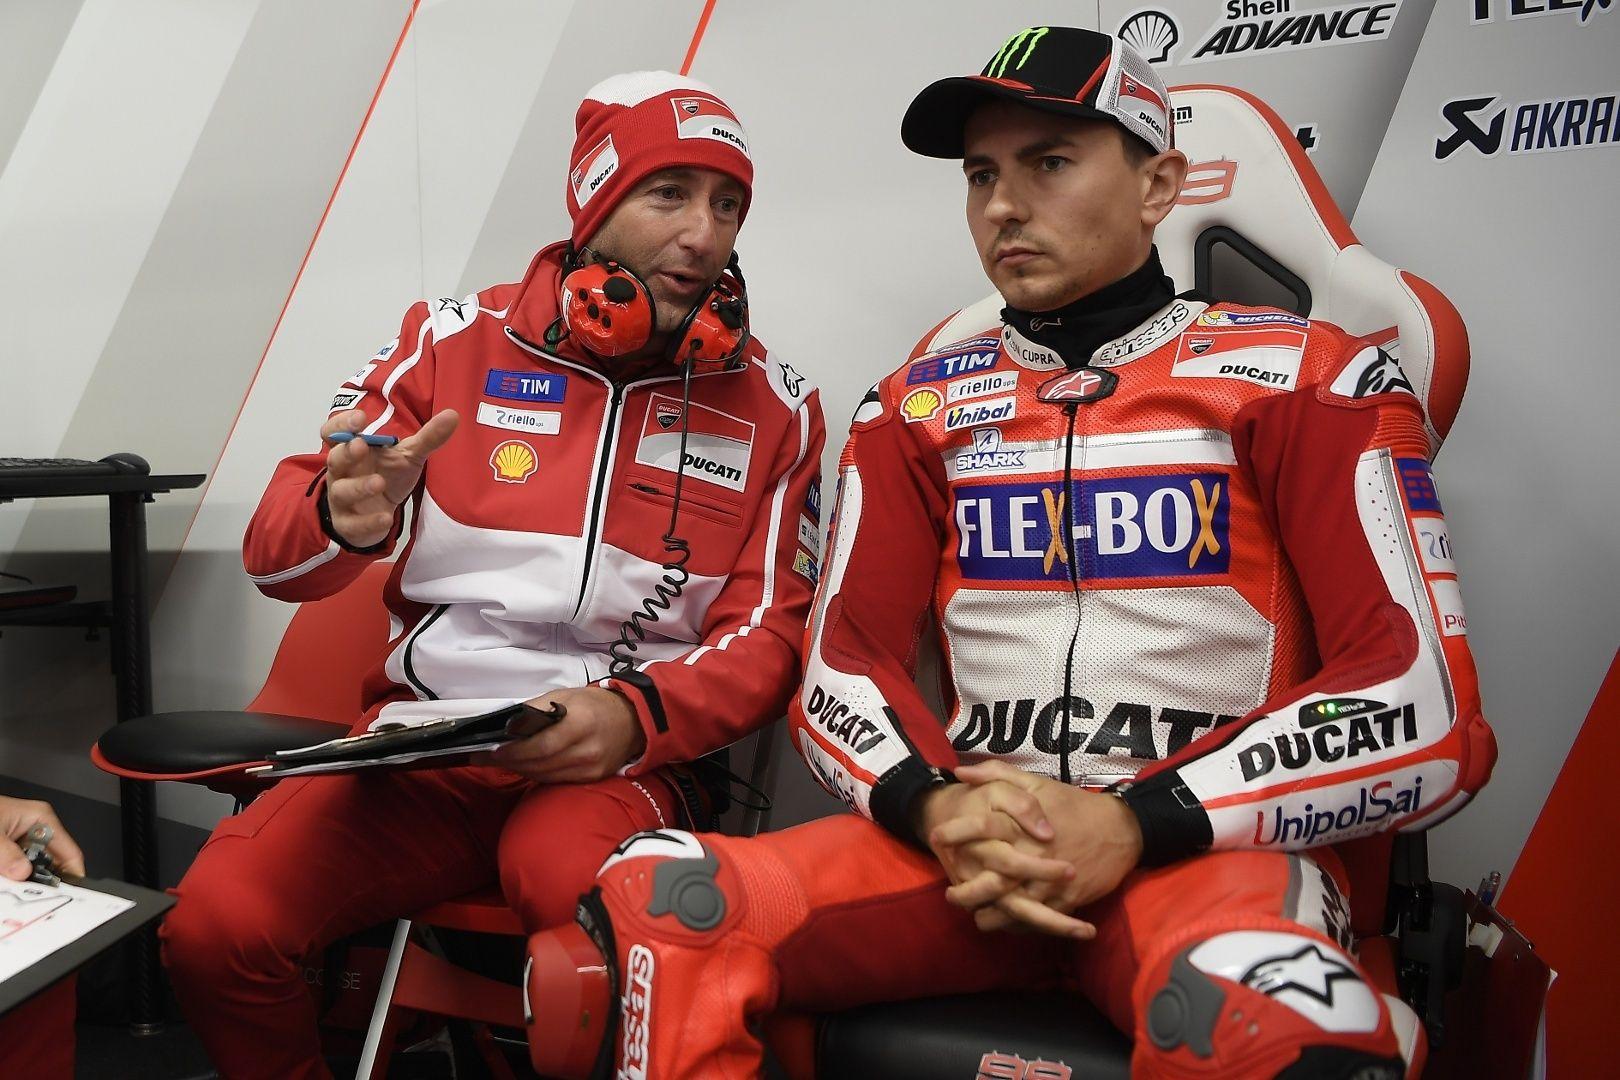 Lorenzo 17.º na chuva de Le Mans: 'Não quis correr riscos e para já estou fora do Q2'http://www.motorcyclesports.pt/lorenzo-17-na-chuva-le-mans-nao-quis-correr-riscos-ja-estou-do-q2/